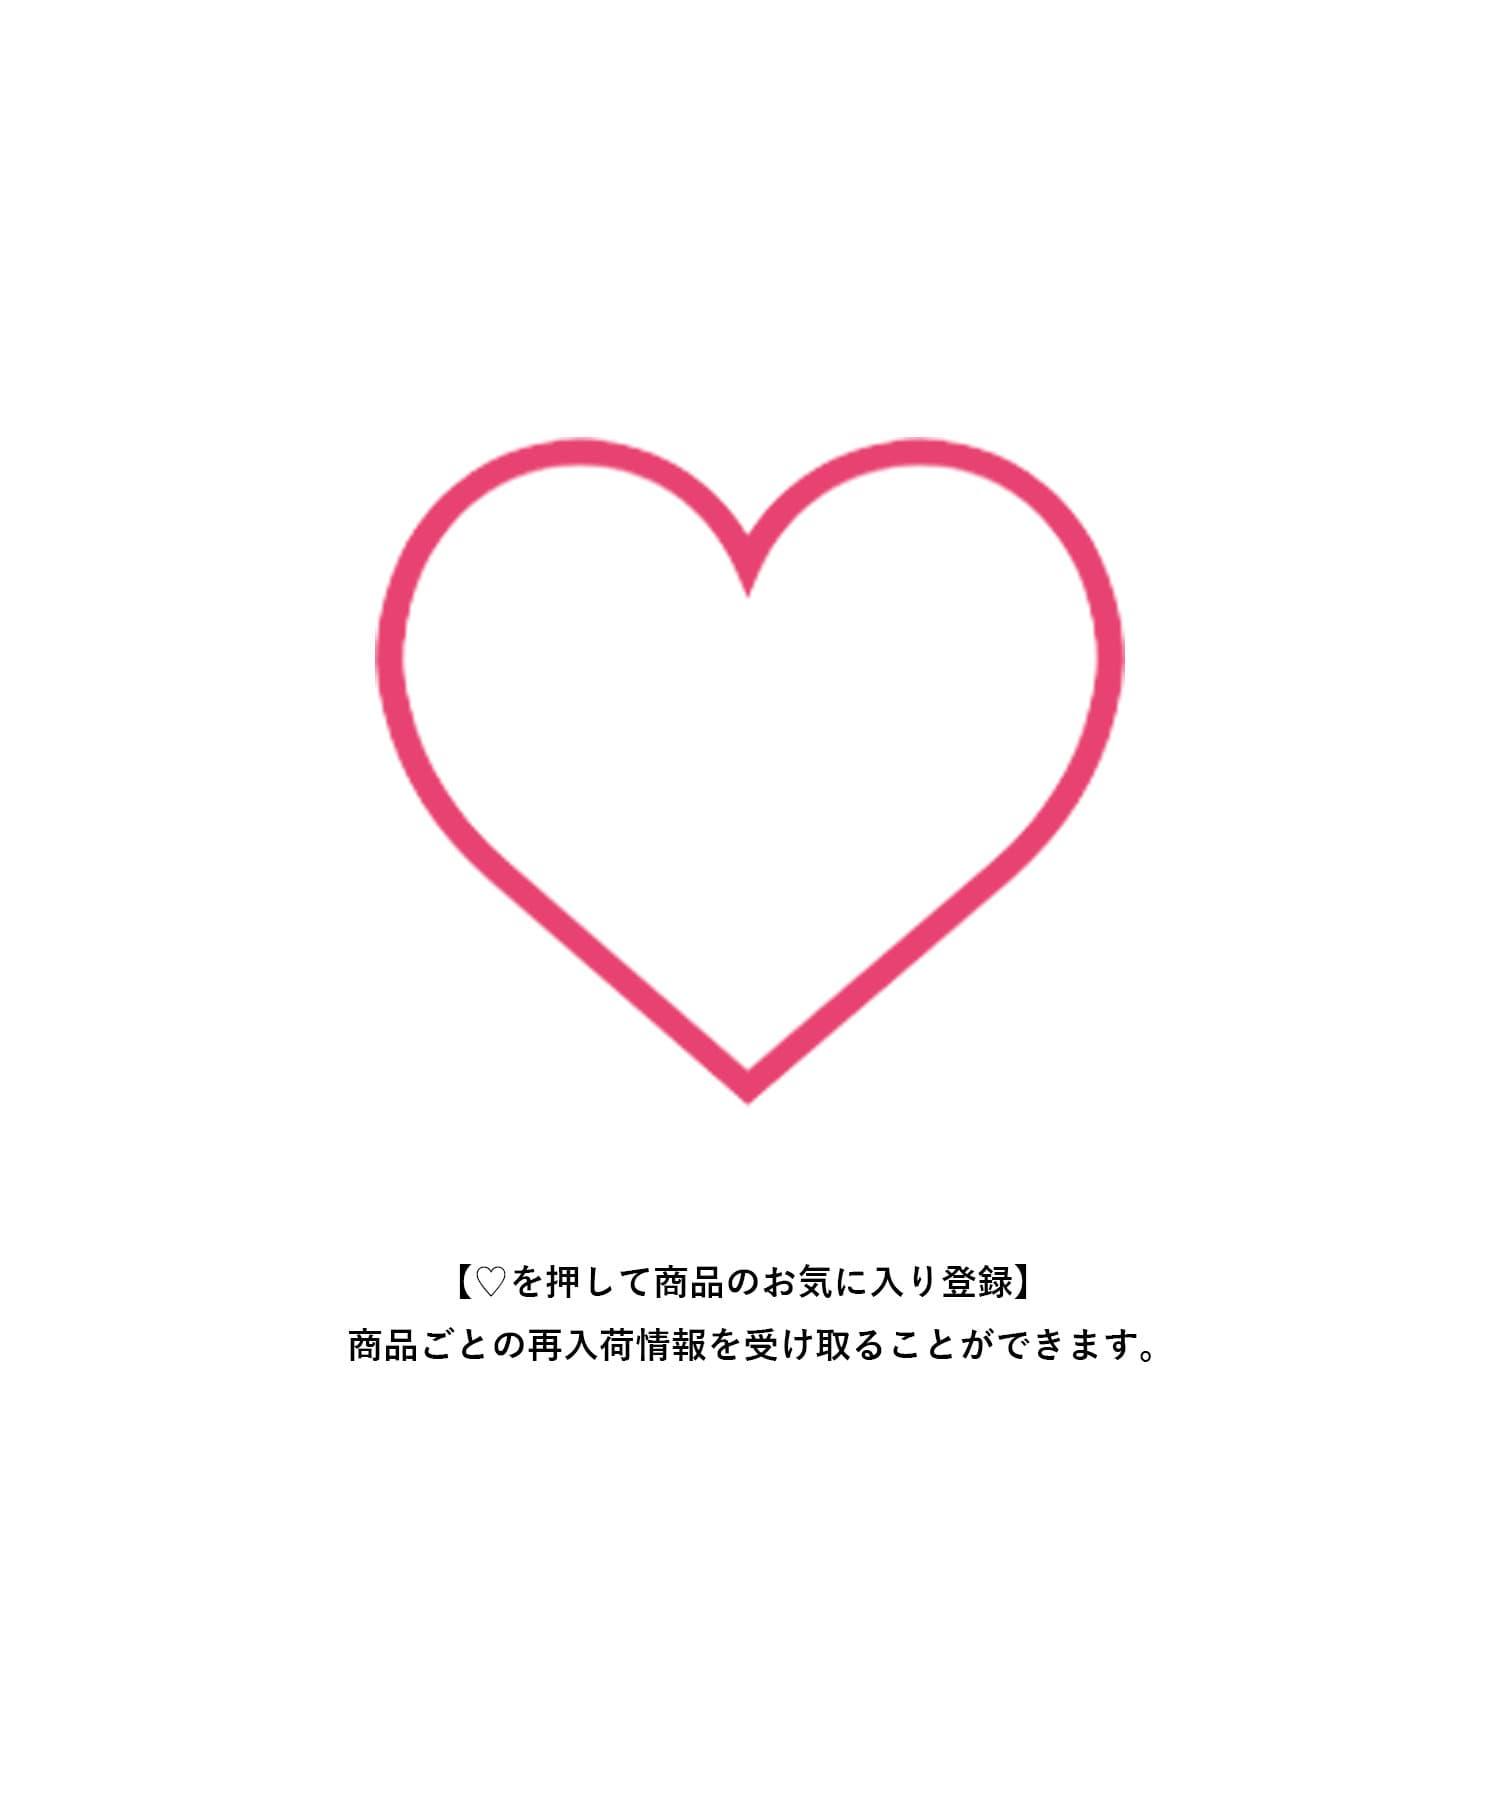 COLLAGE GALLARDAGALANTE(コラージュ ガリャルダガランテ) 【PAPILLONNER/パピヨネ】ポケット付ボアストール